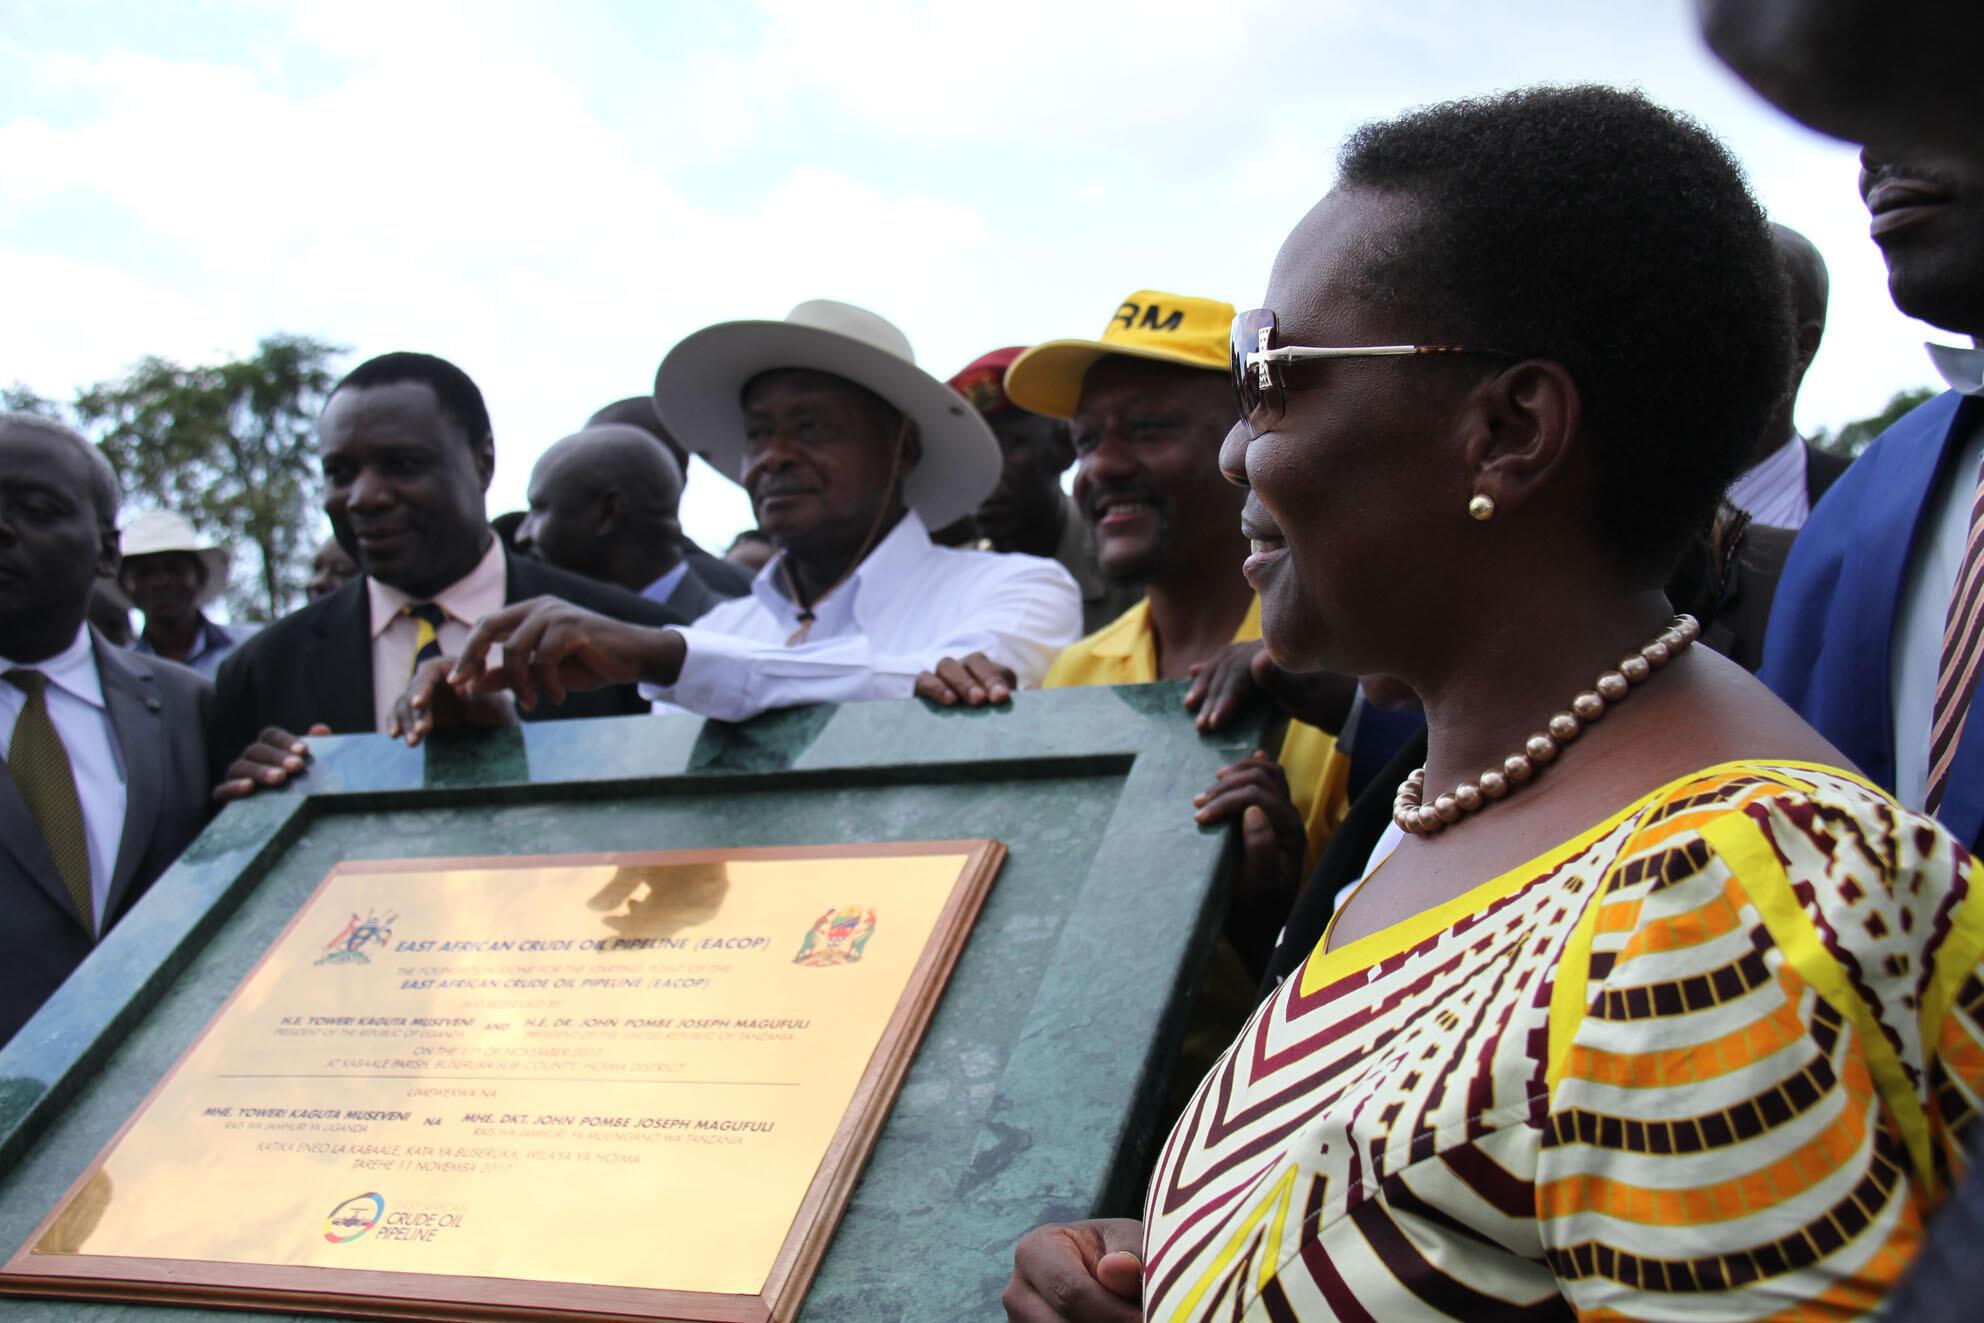 Rais Museveni n Irene Muloni, Waziri wa Nishati na Madini, wakati wa kuweka jiwe la msingi la kuanza kwa ujenzi wa bomba la kusafirisha mafuta ghafi kutoka Hoima mpaka bandari ya Tanga.Hoima-Tanga, le 11 novembre 2017.